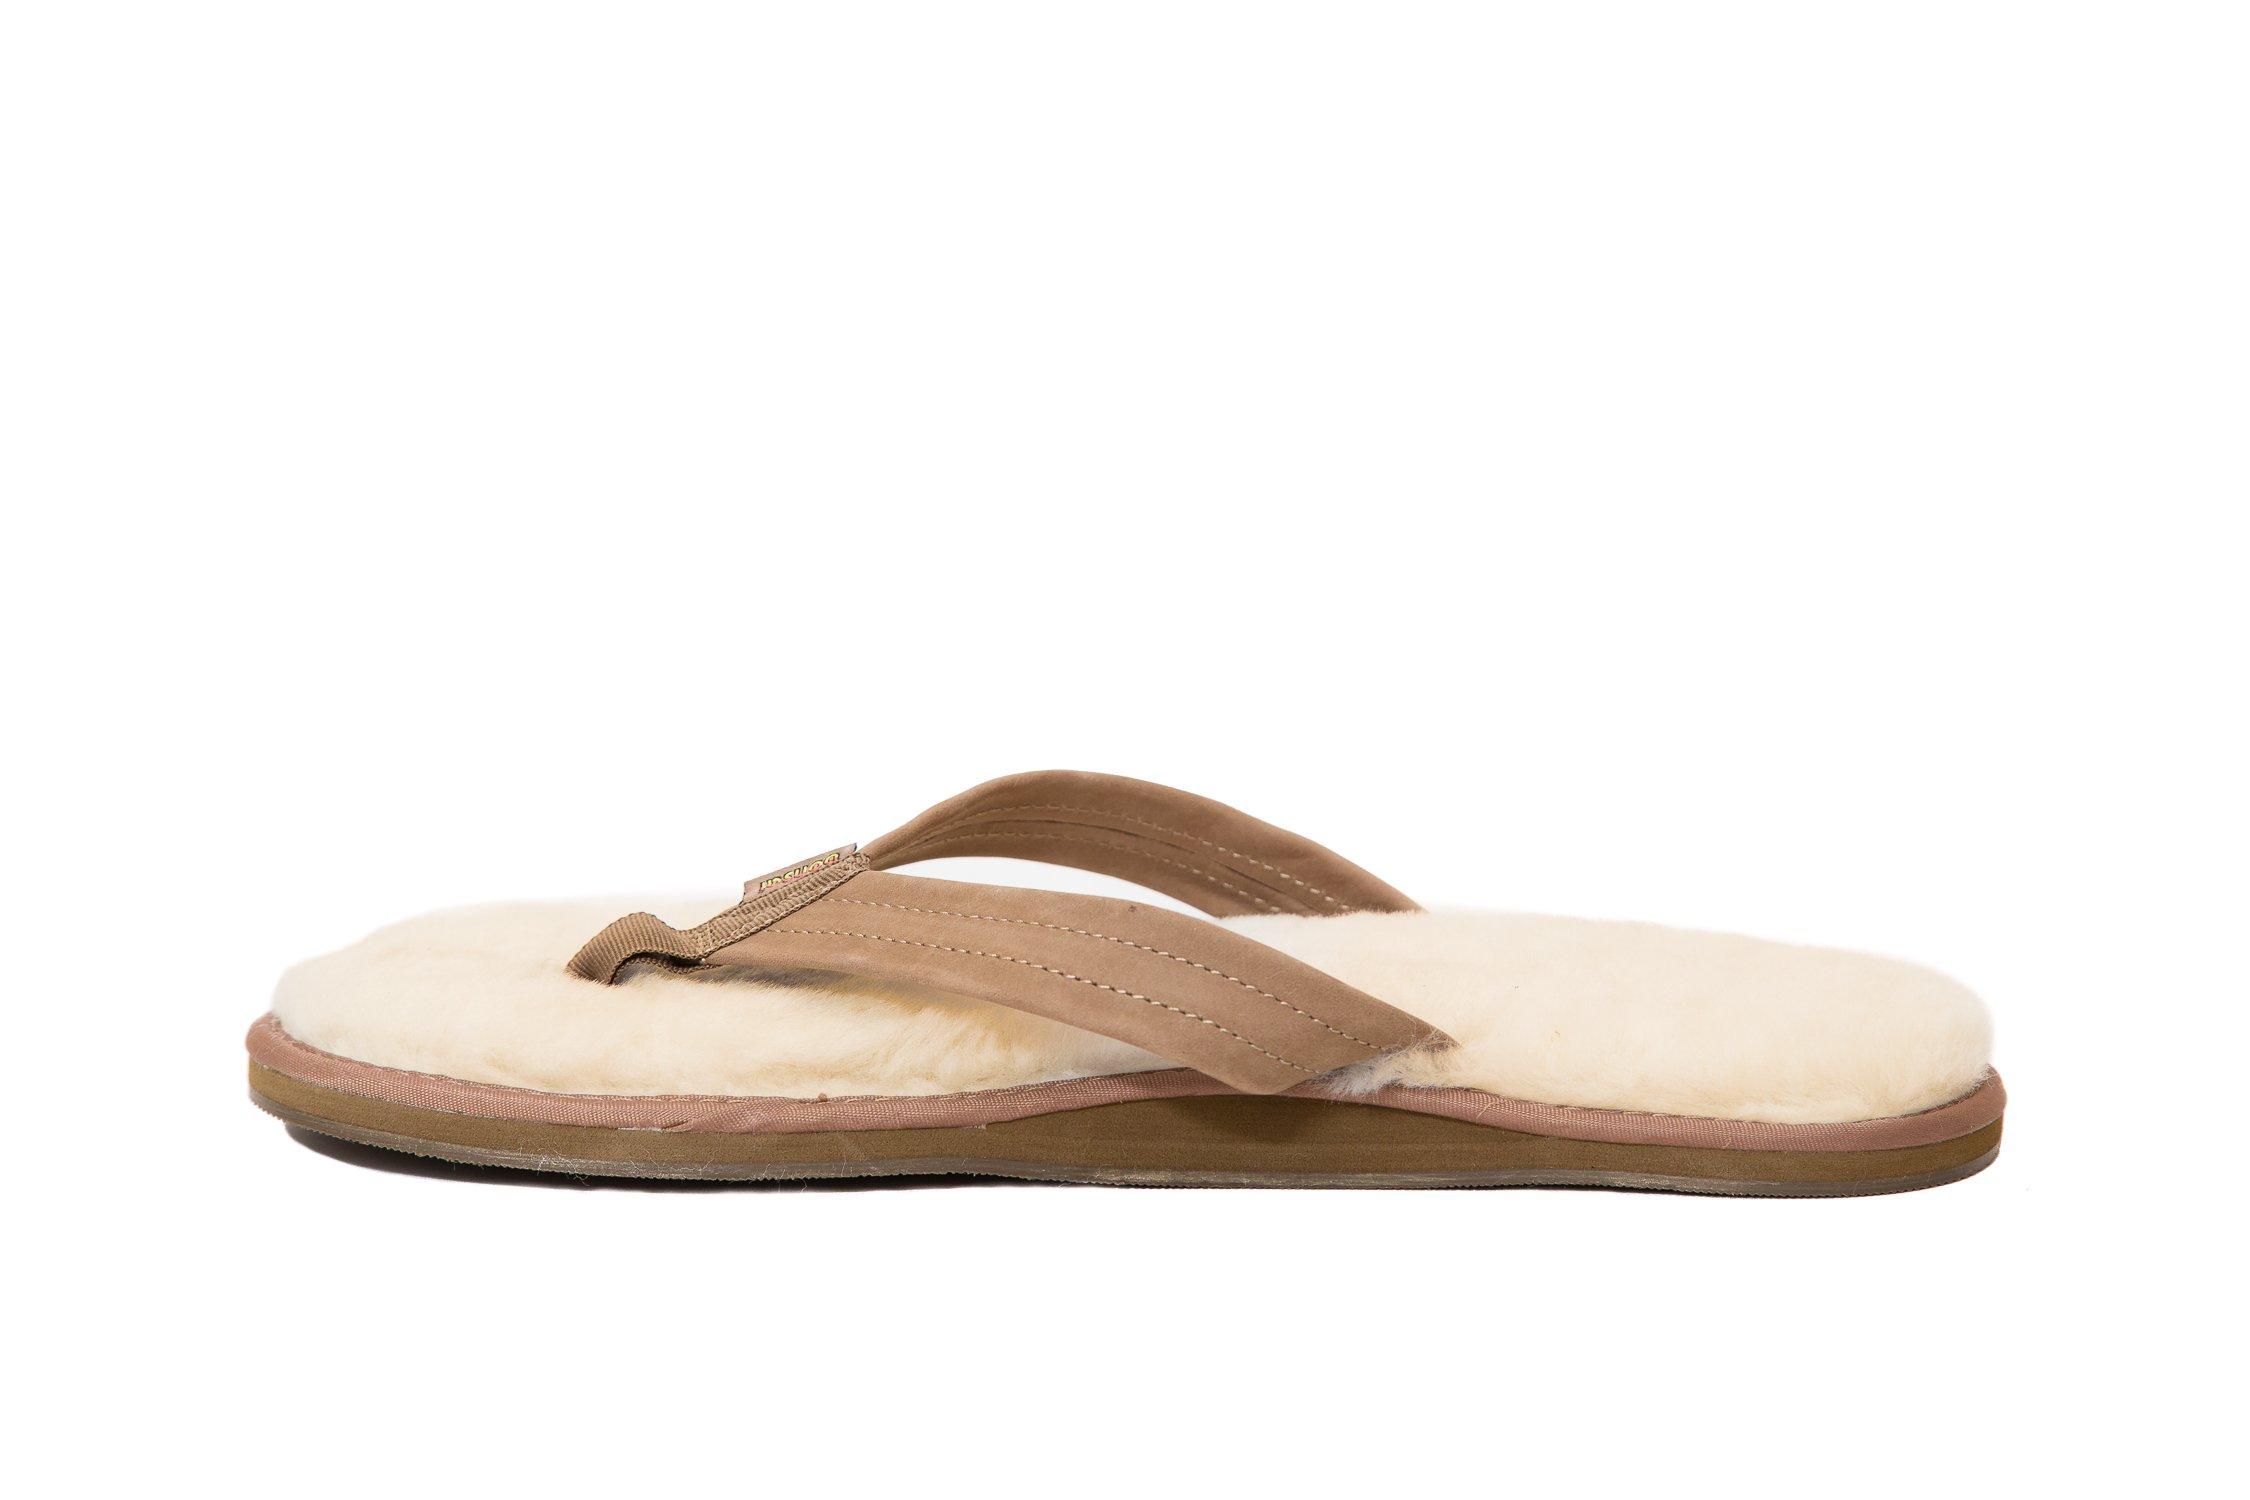 Bonsai Men's Sheepskin Sandal Flip Flops, Brown, 12 US by Bonsai Sandals (Image #3)